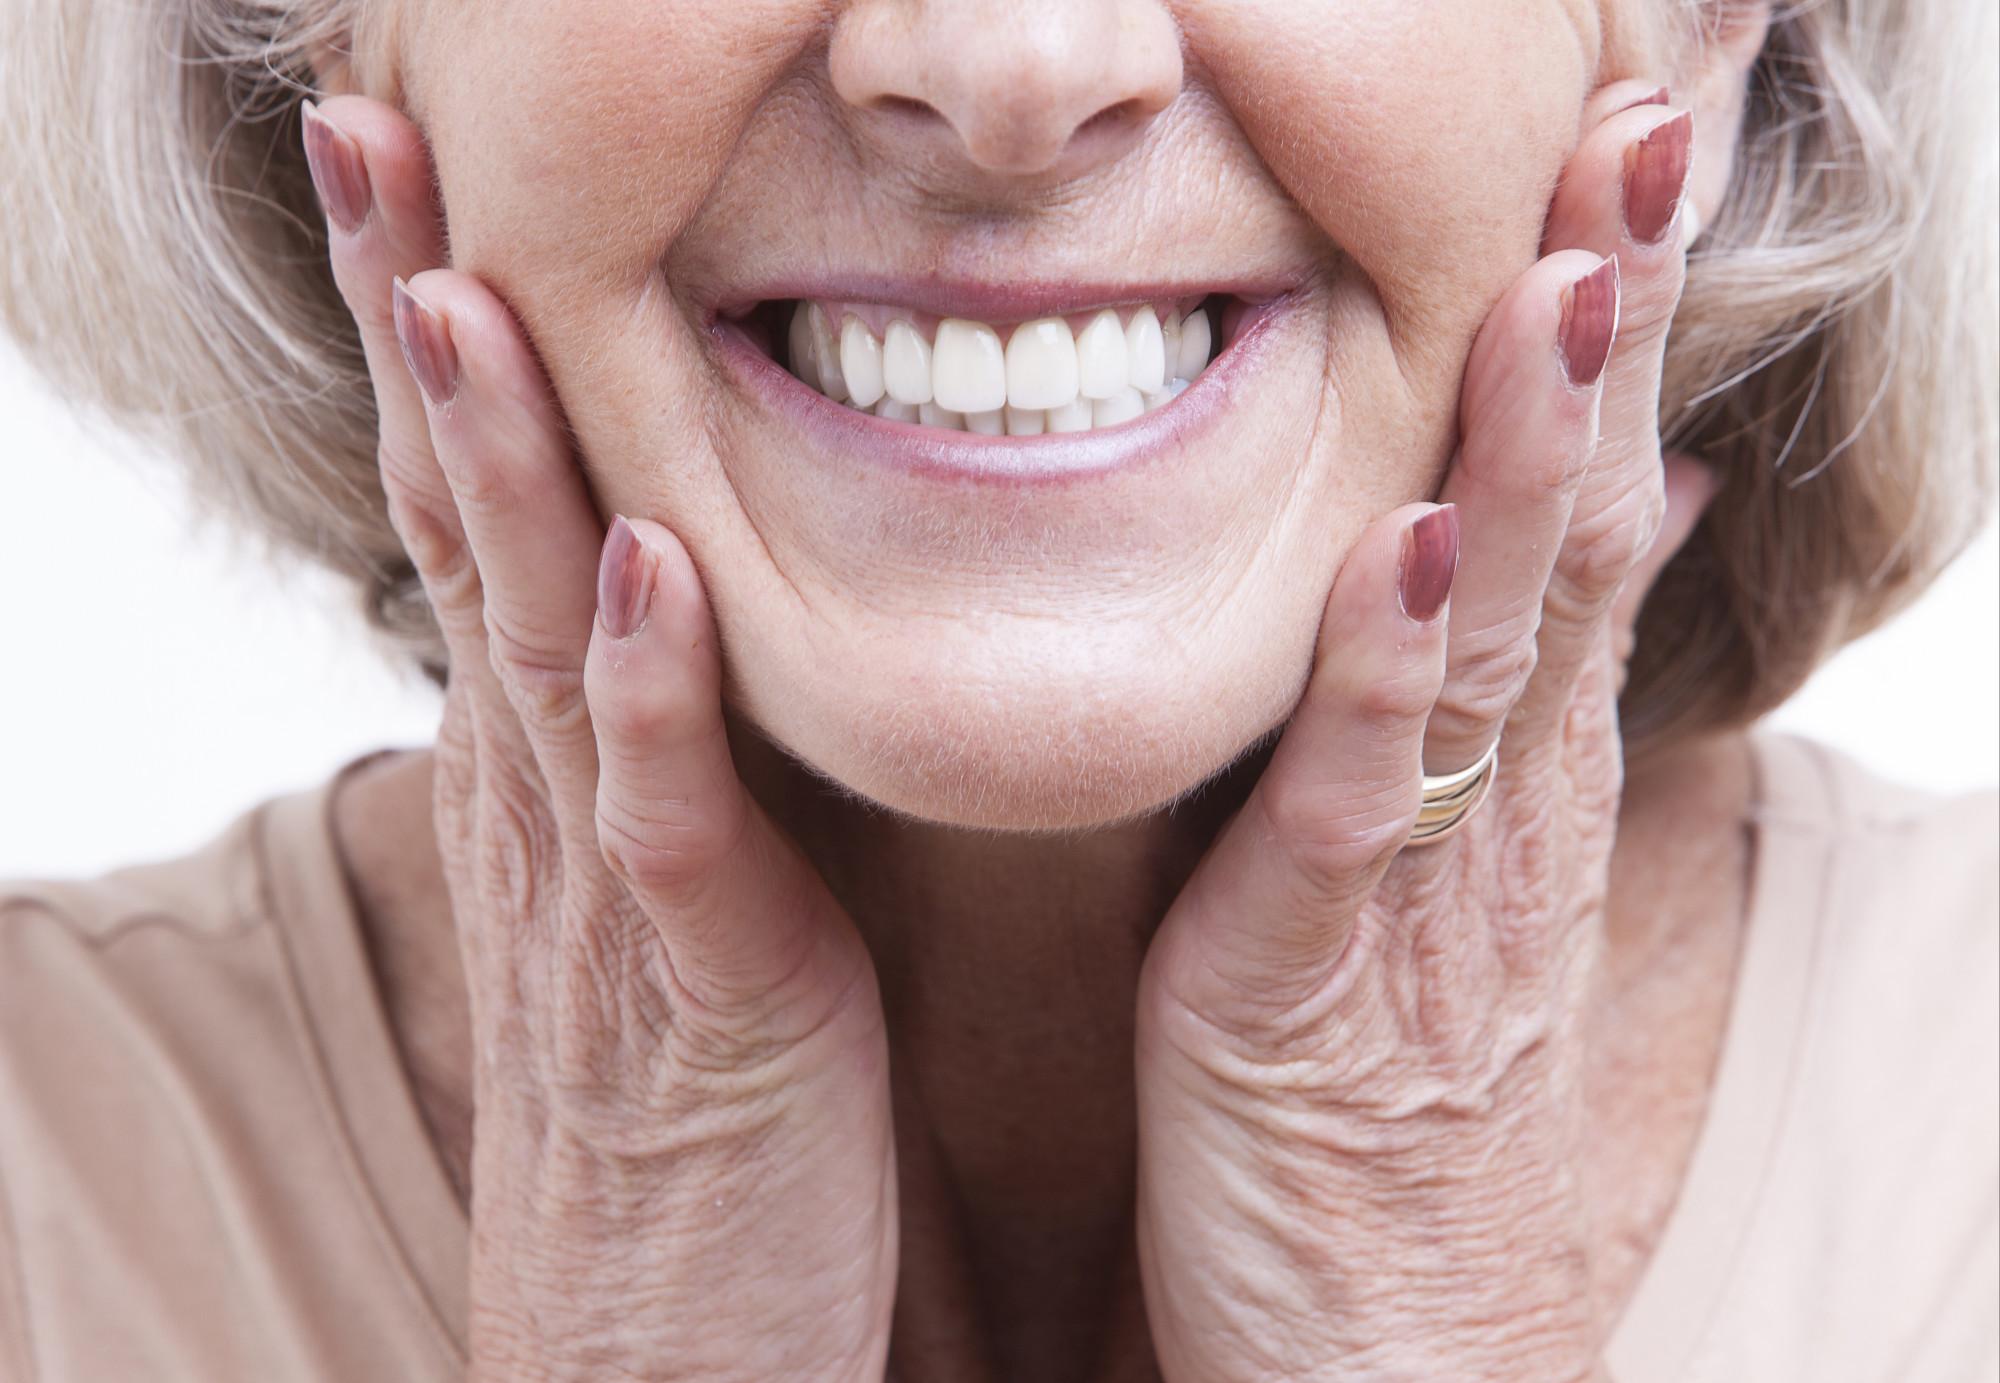 Full Dental Implants: Do Dental Implants Hurt?